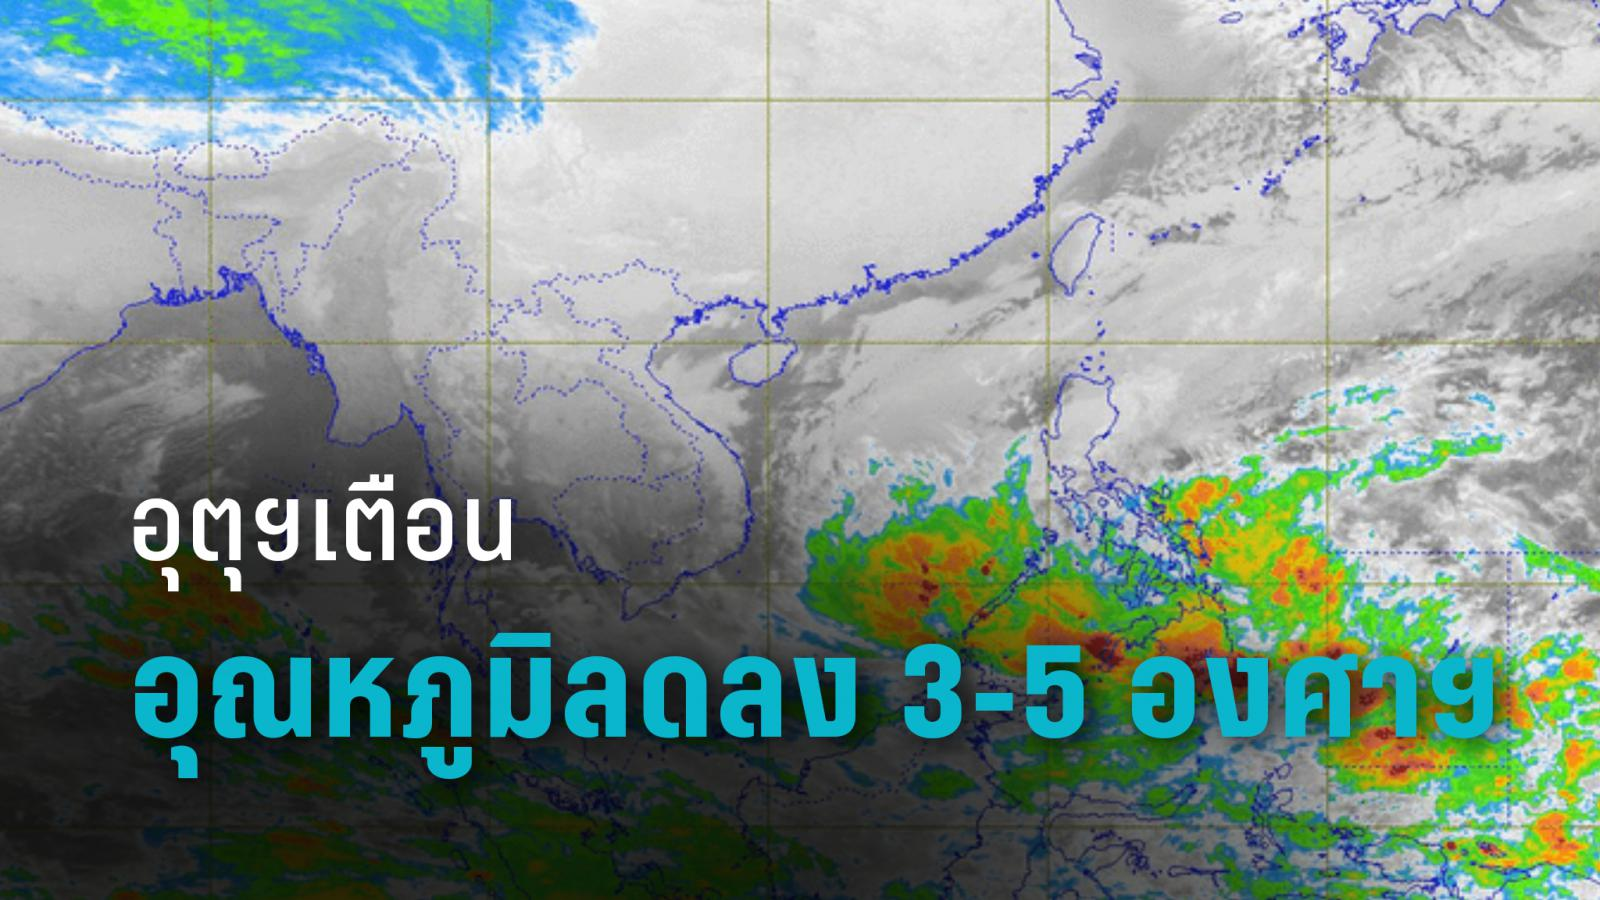 อุตุฯ เผย วันนี้อุณหภูมิลดลง 3-5 องศาฯ